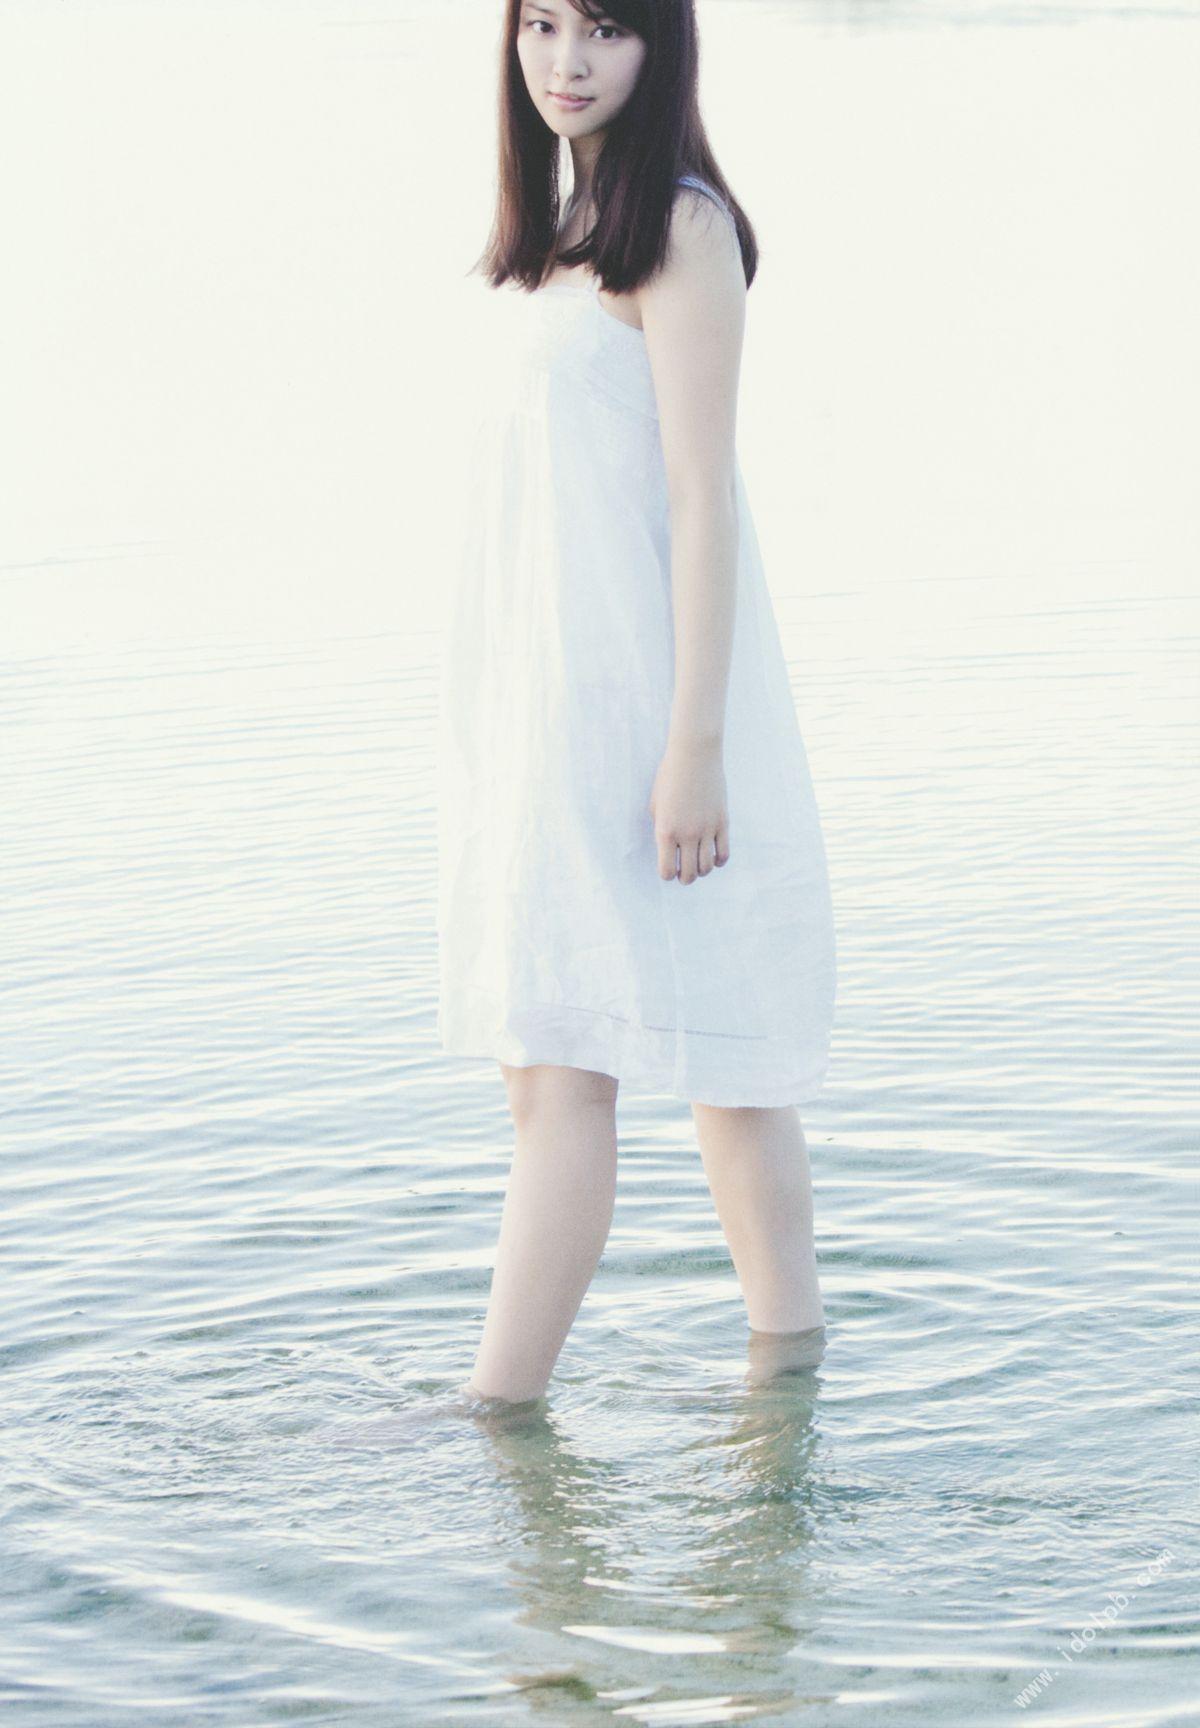 EMI TAKEI 2010001